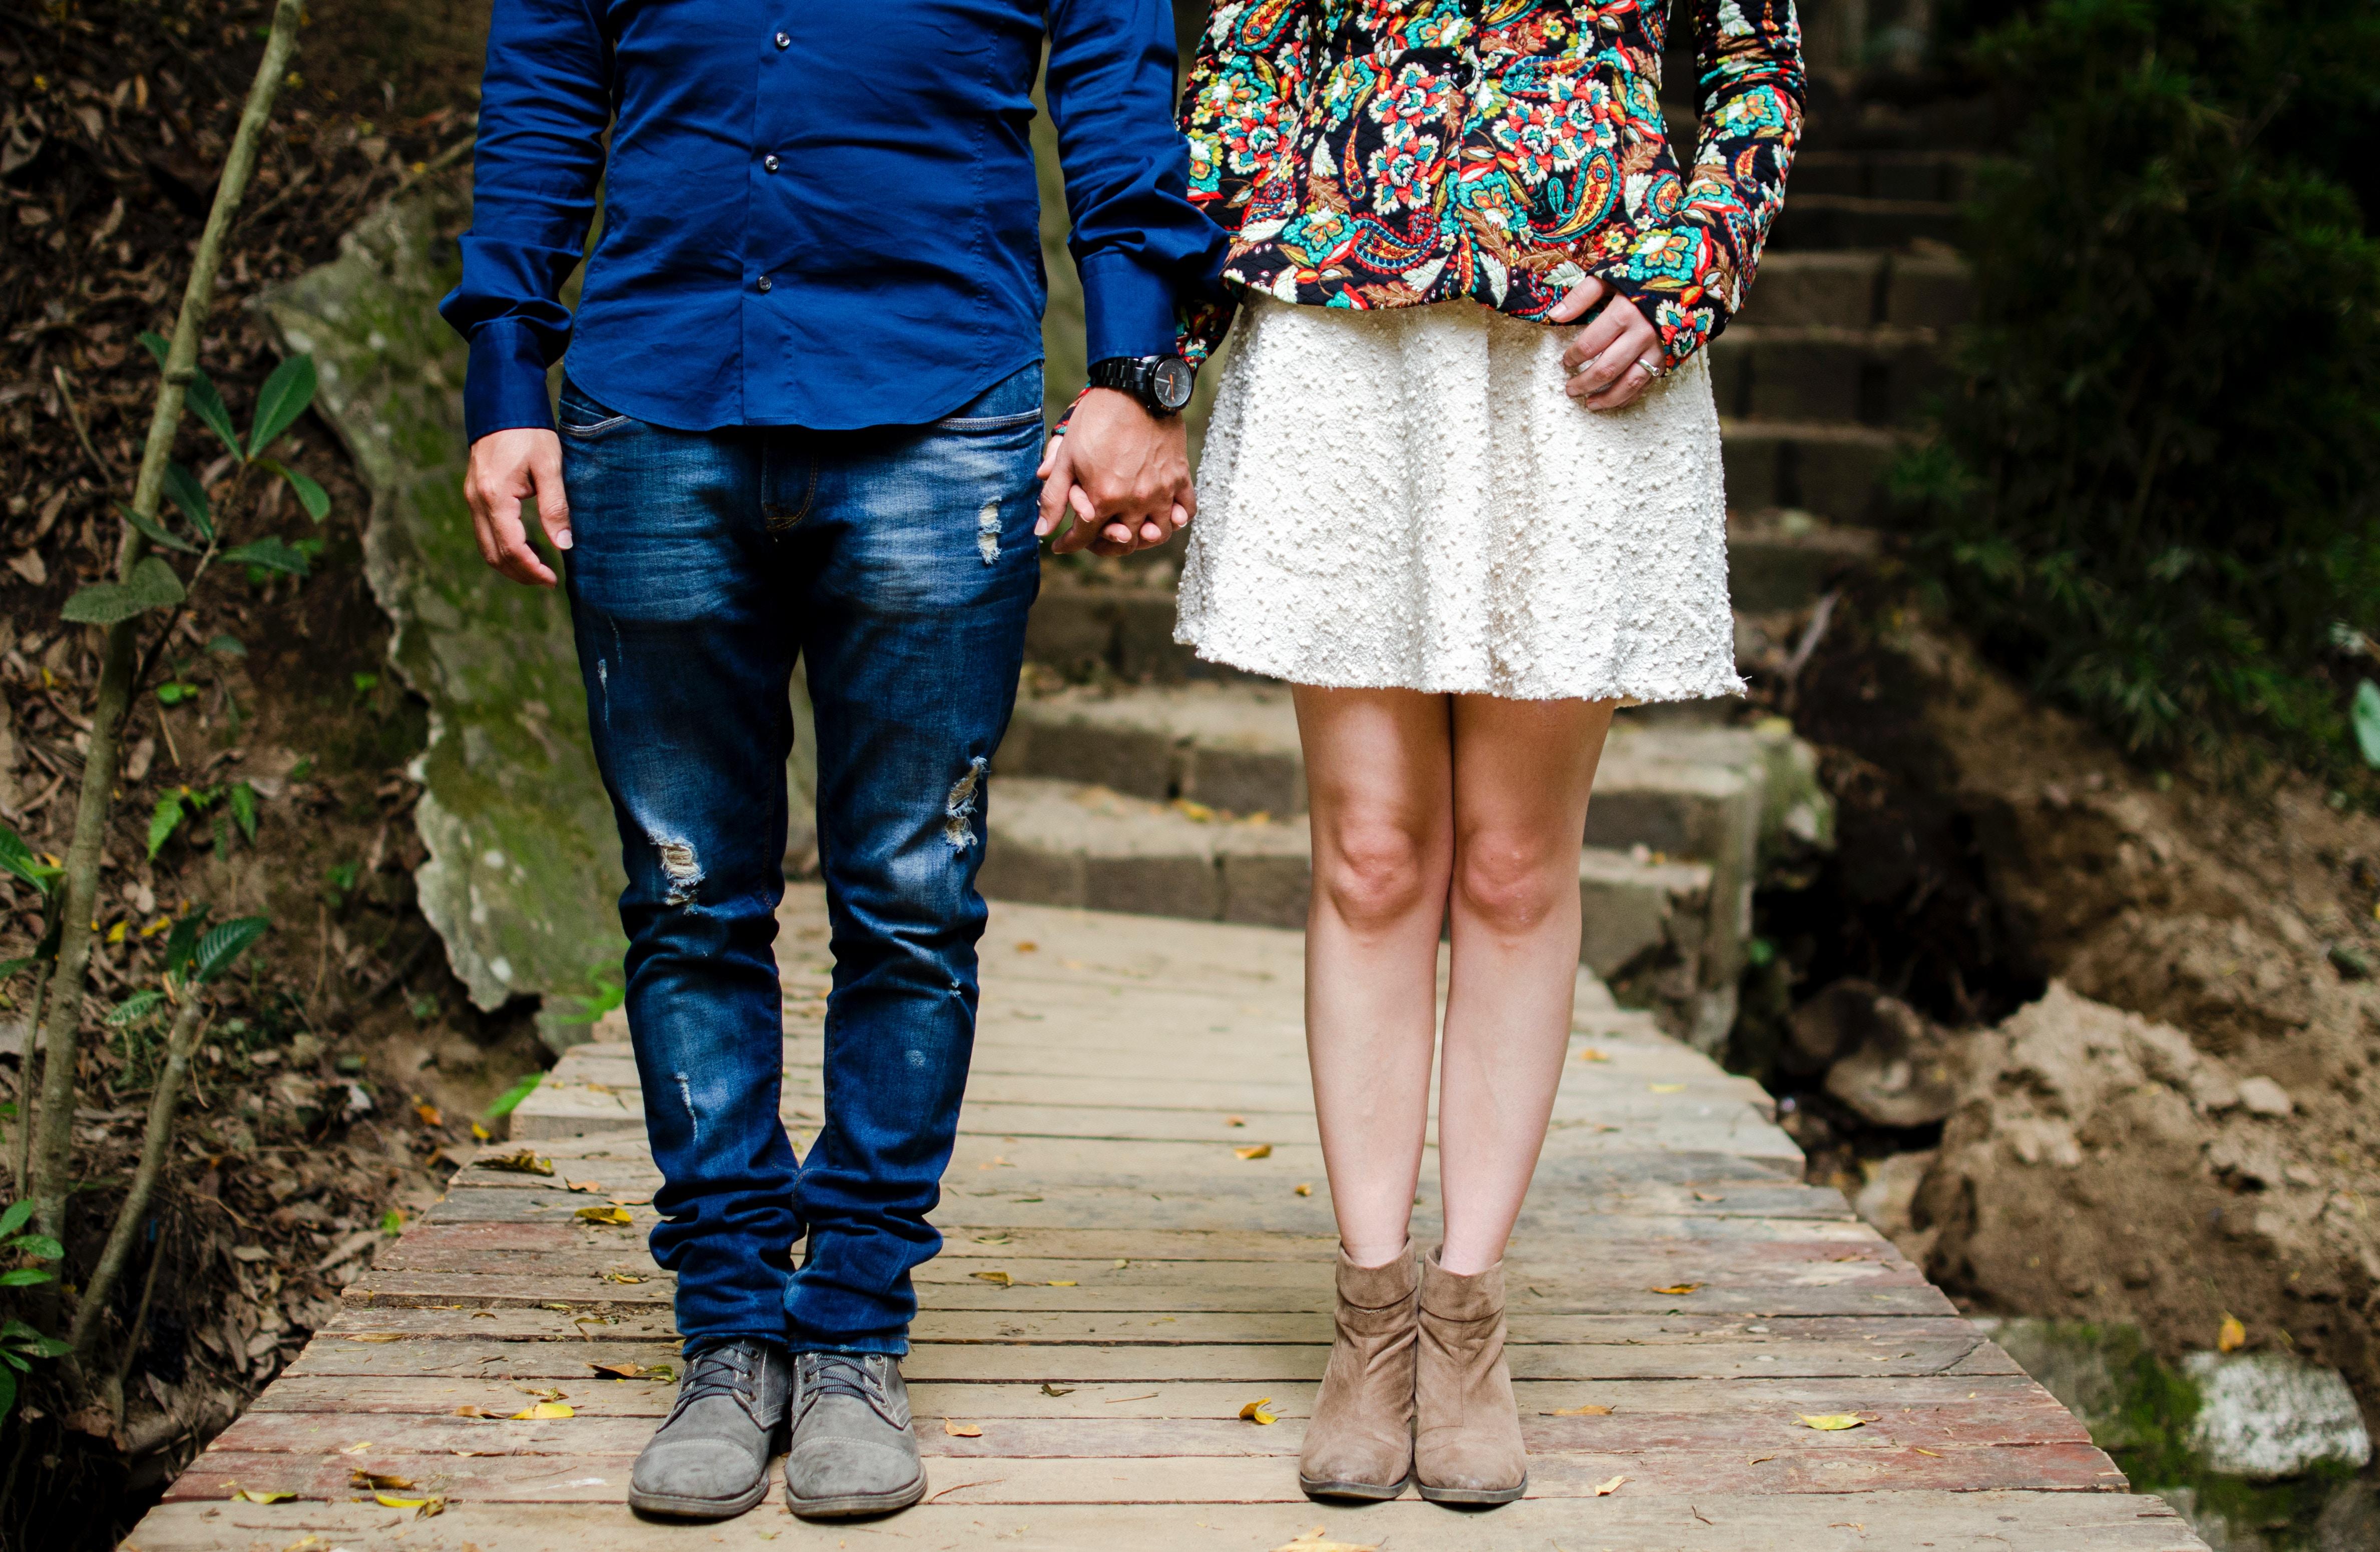 3 dấu hiệu cho thấy bạn nên quay lại với người yêu cũ - Ảnh 1.